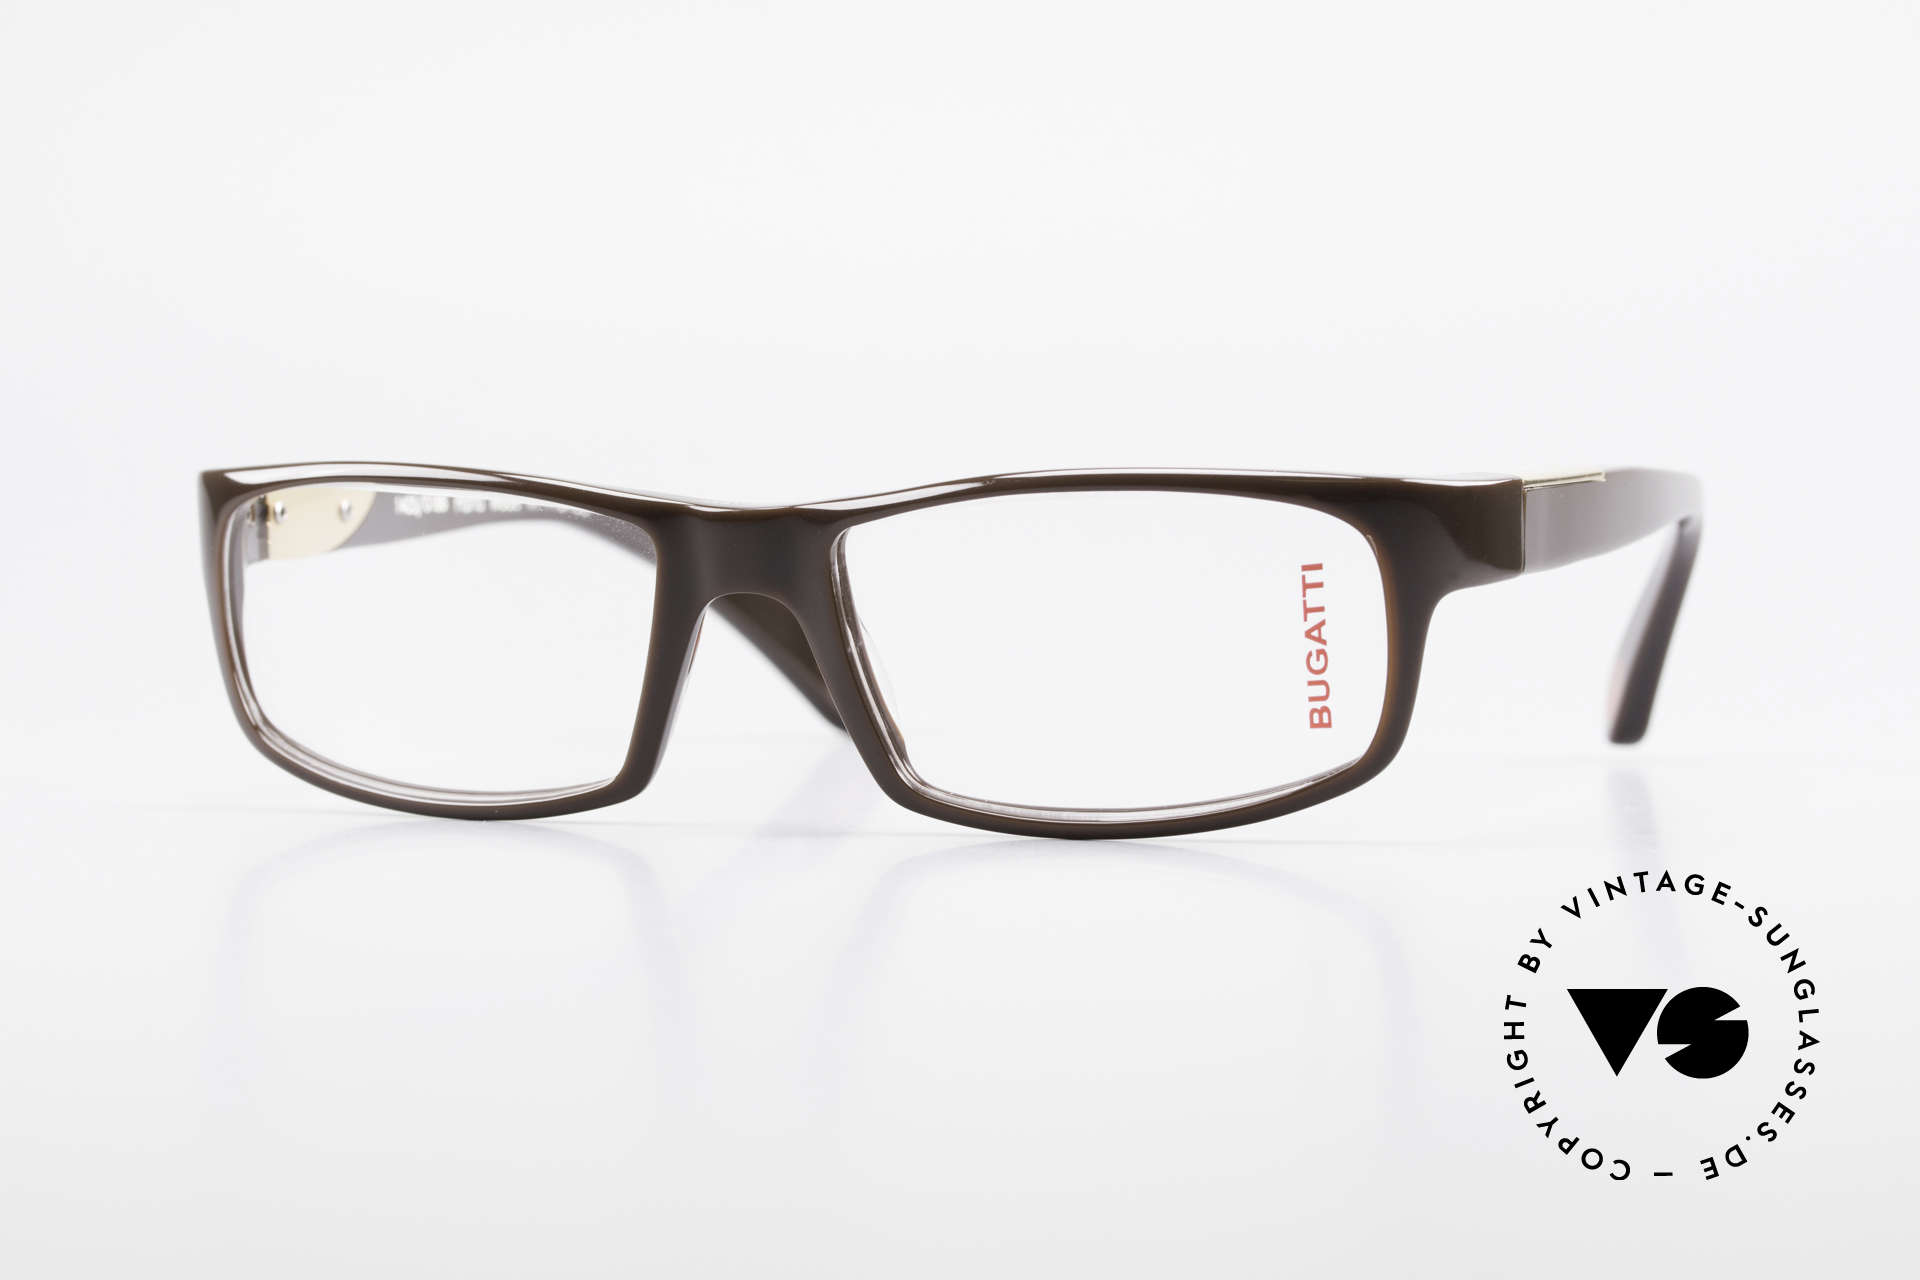 Bugatti 532 Markante Herrenbrille Luxus, markante Kunststoff Brillenfassung von Bugatti, Passend für Herren